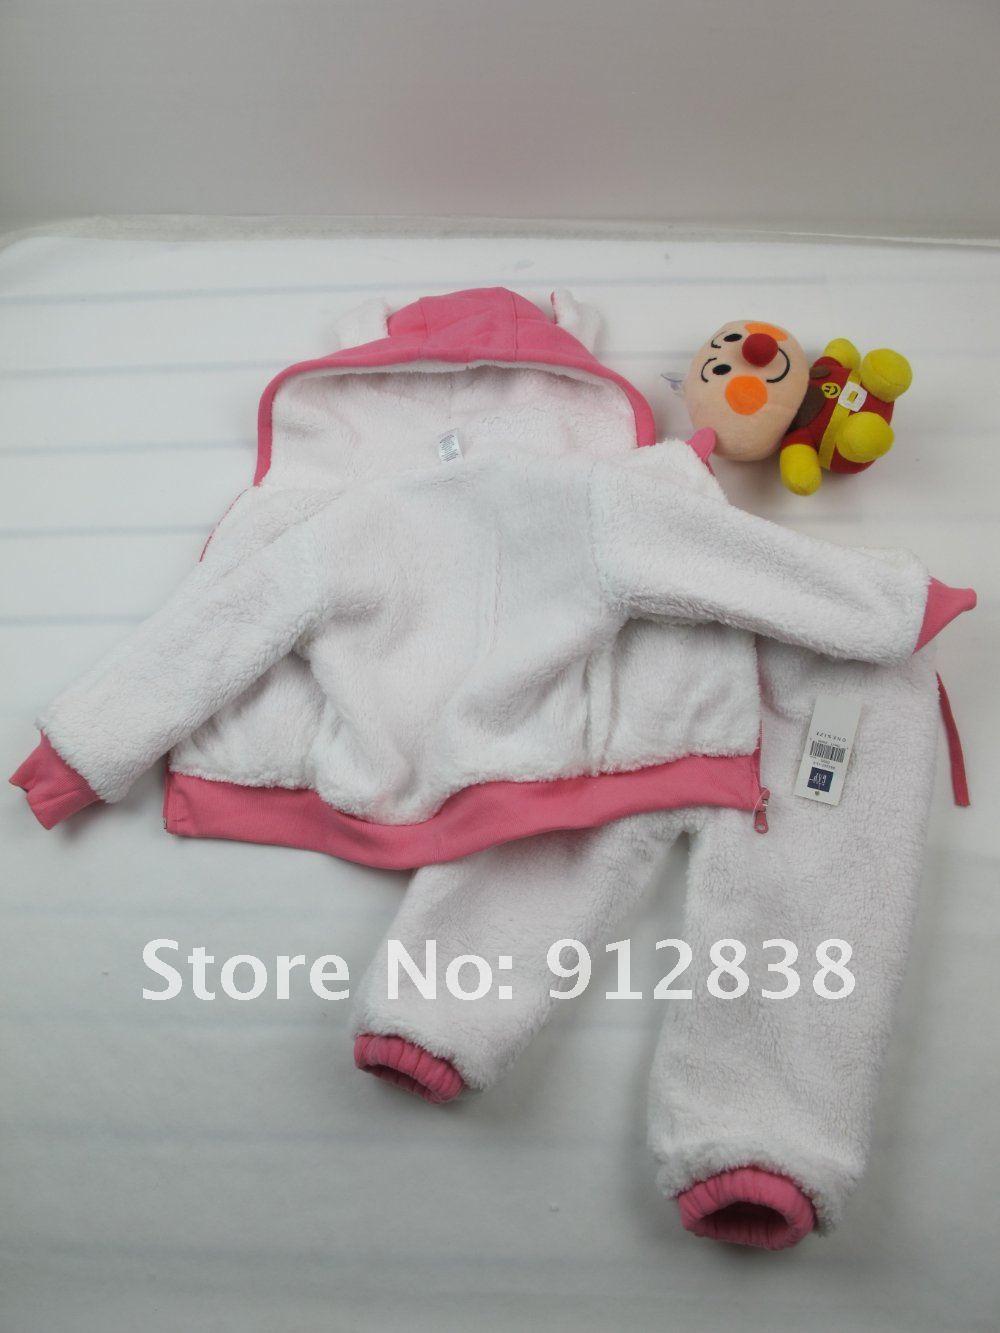 Размер детской одежды 3т 8